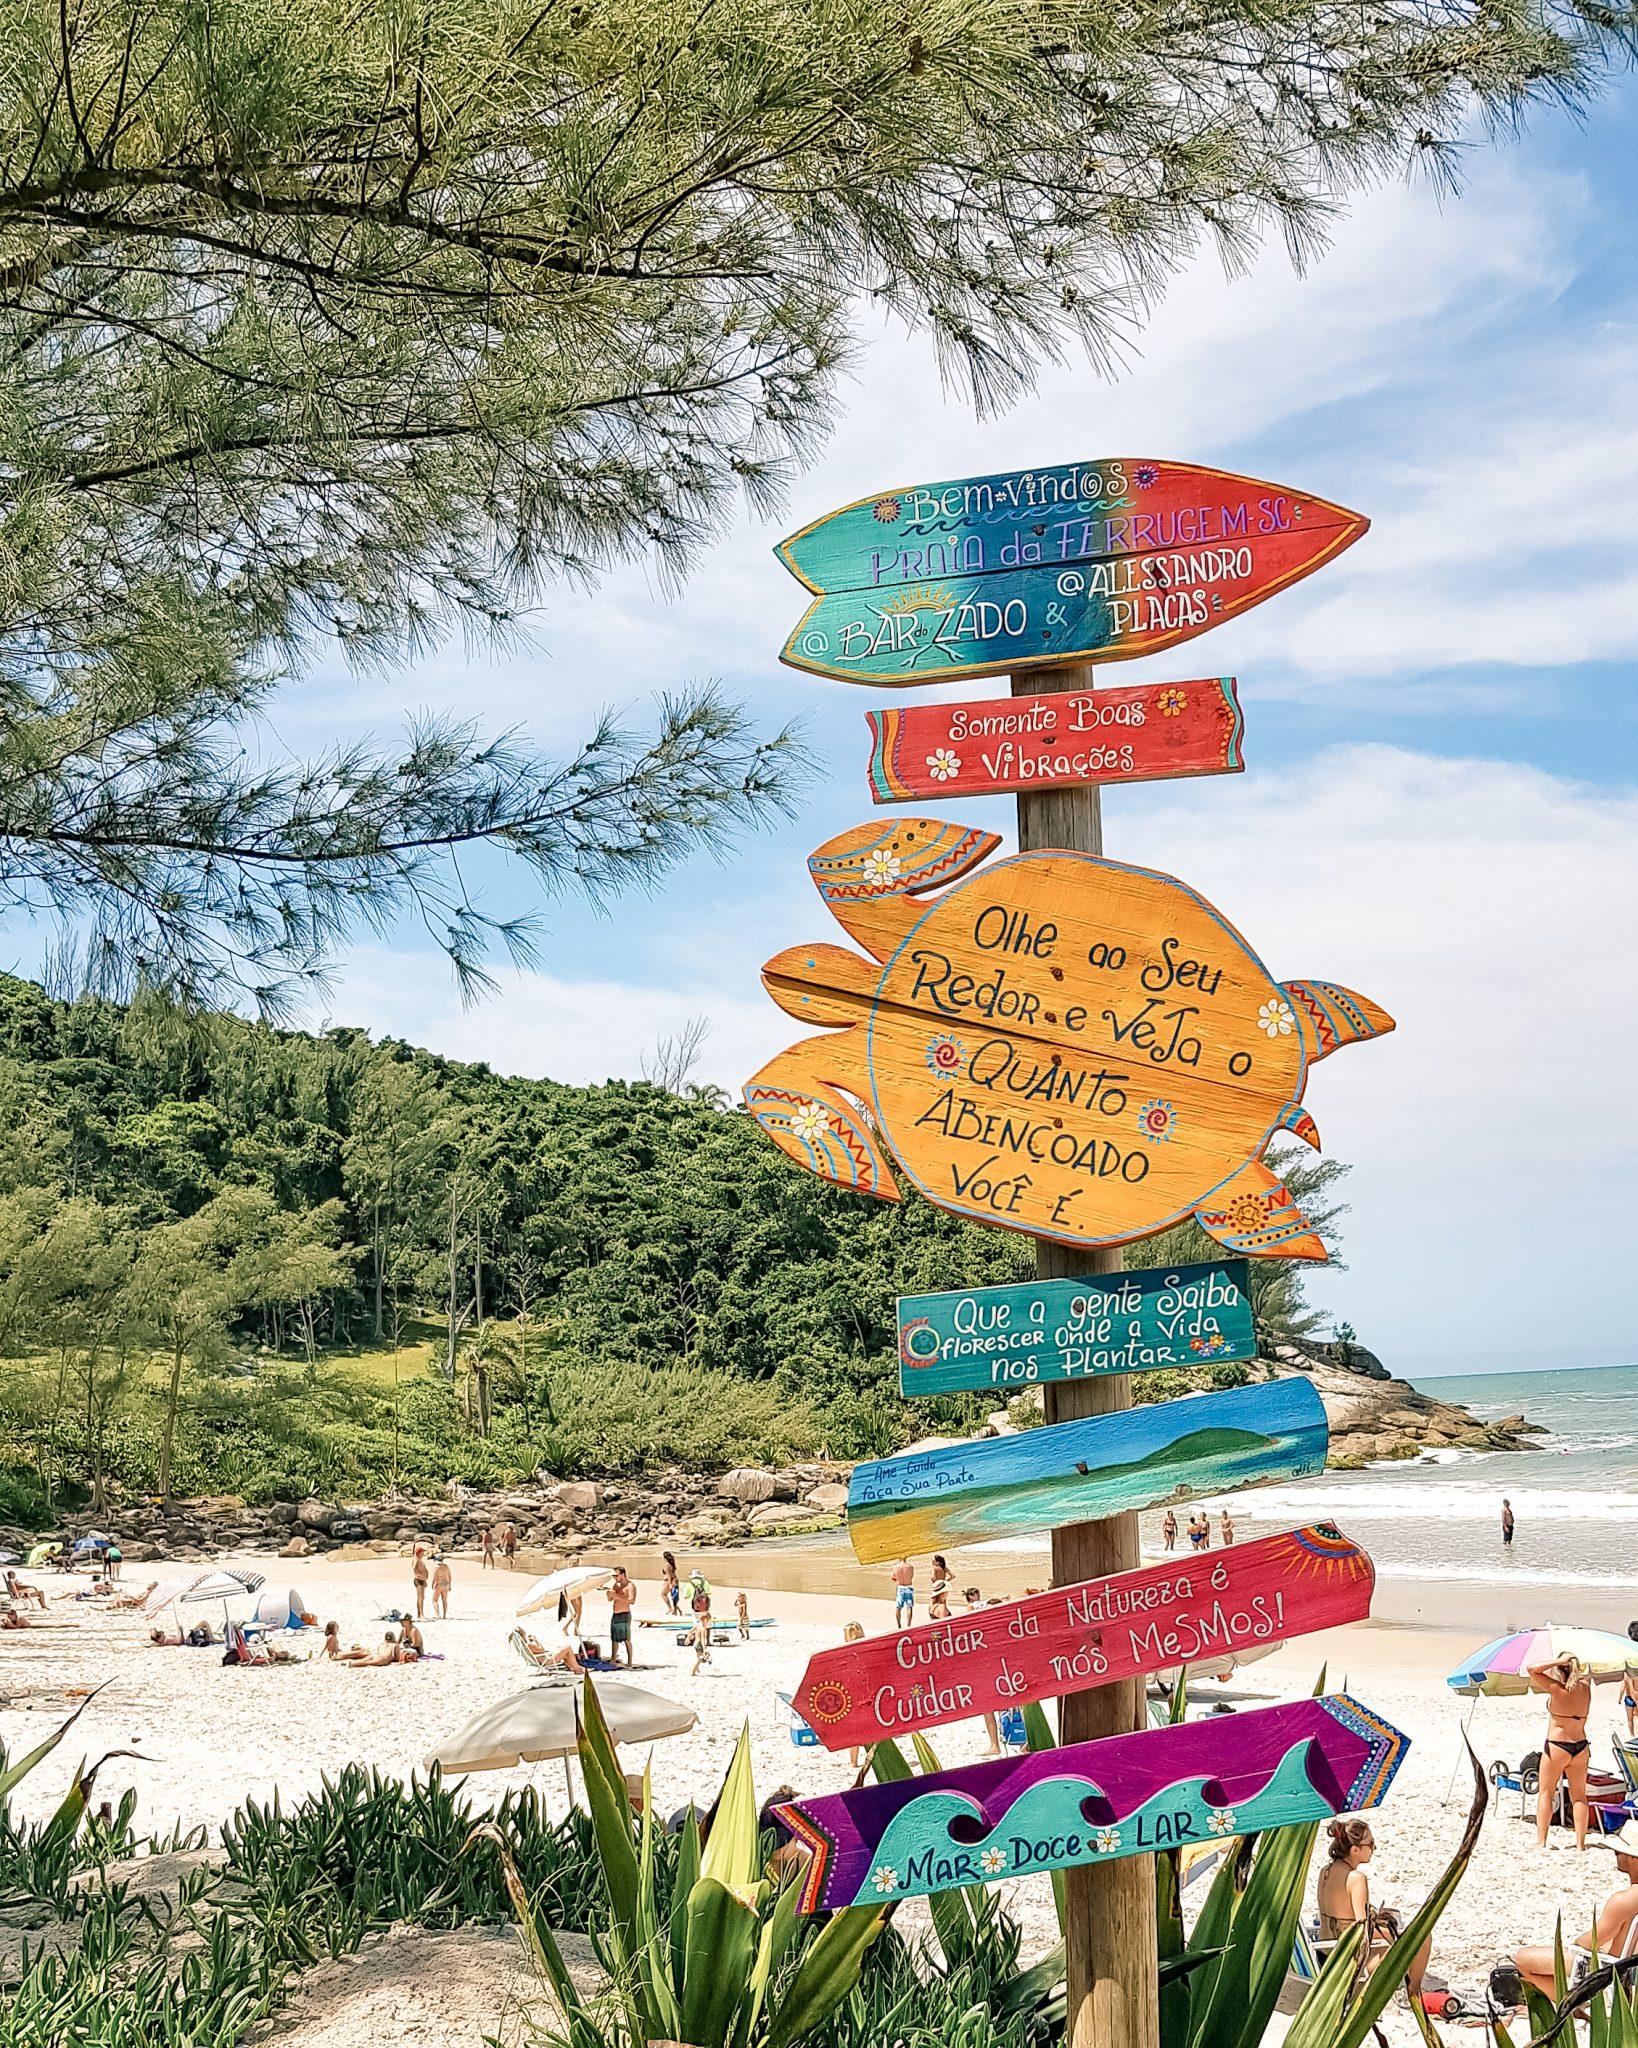 Cidades próximas a Florianópolis para conhecer / Garopaba